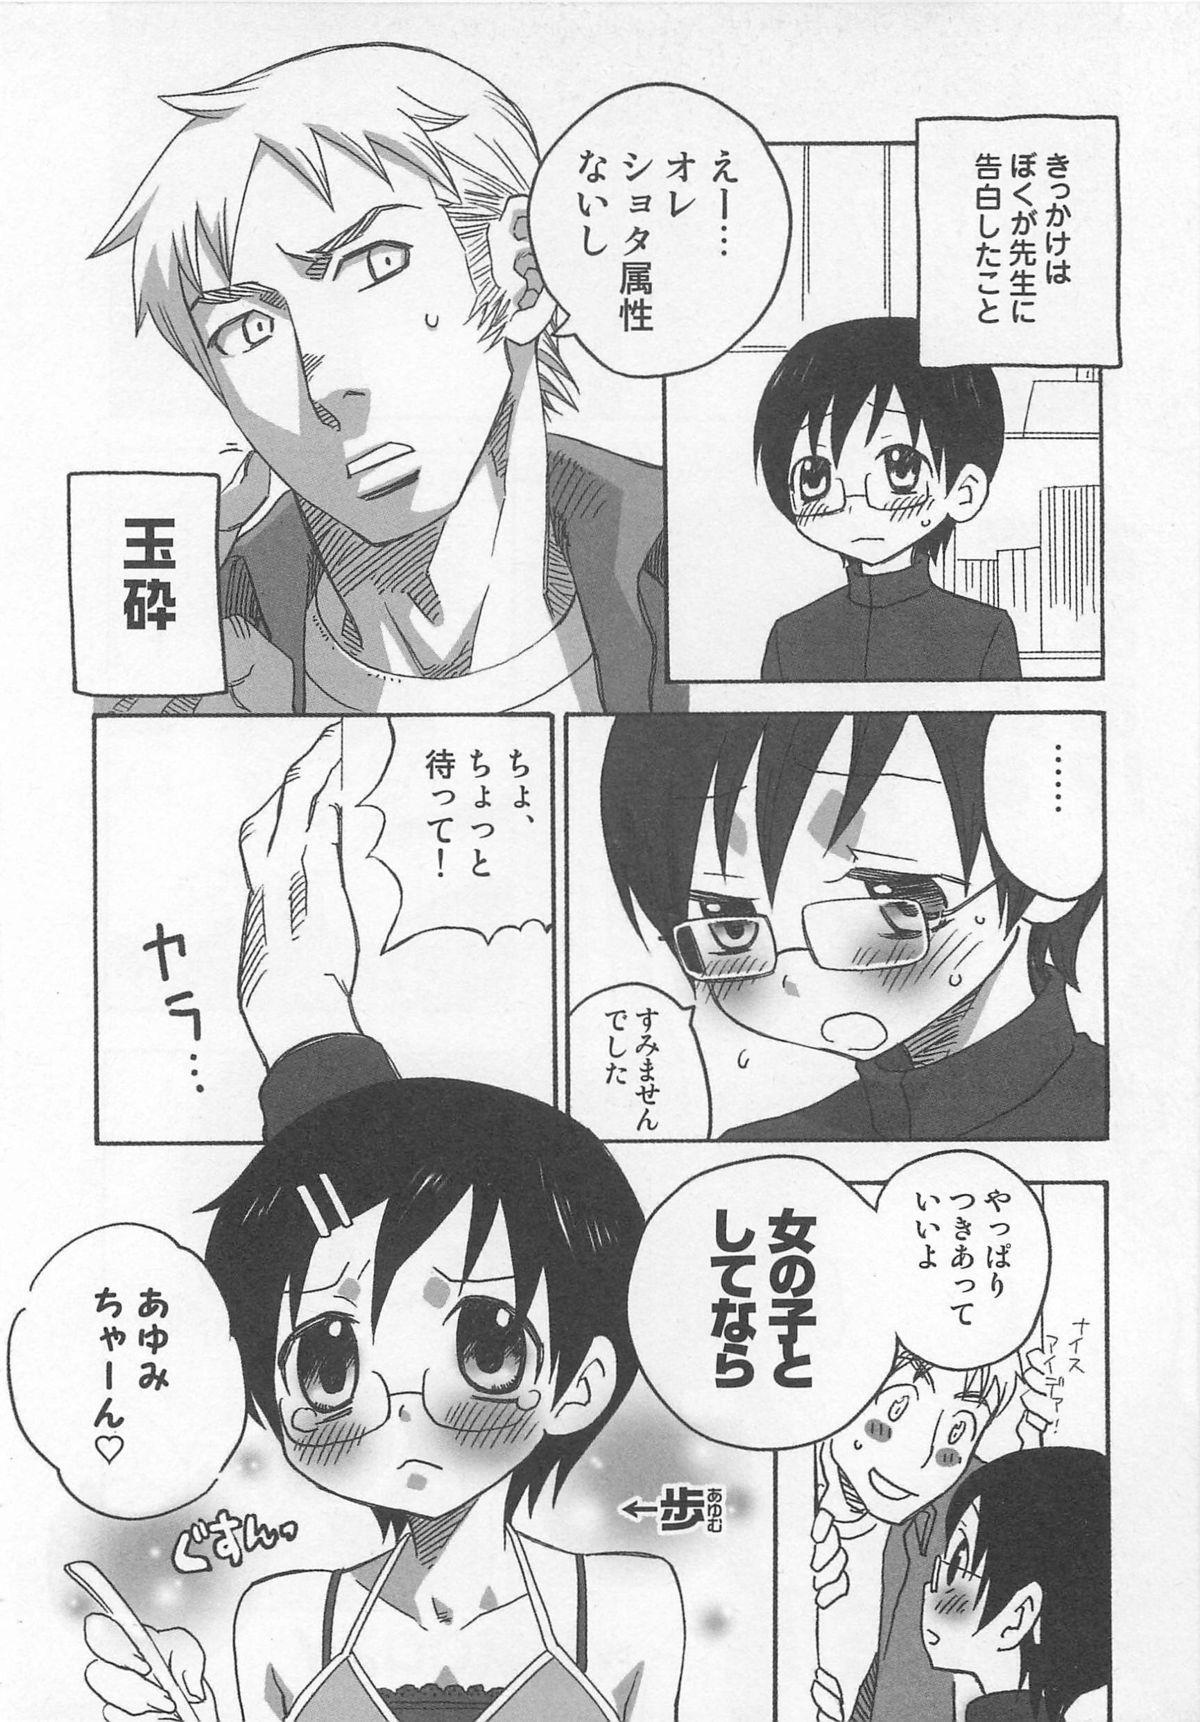 Otokonoko HEAVEN Vol. 01 Meganekko 22